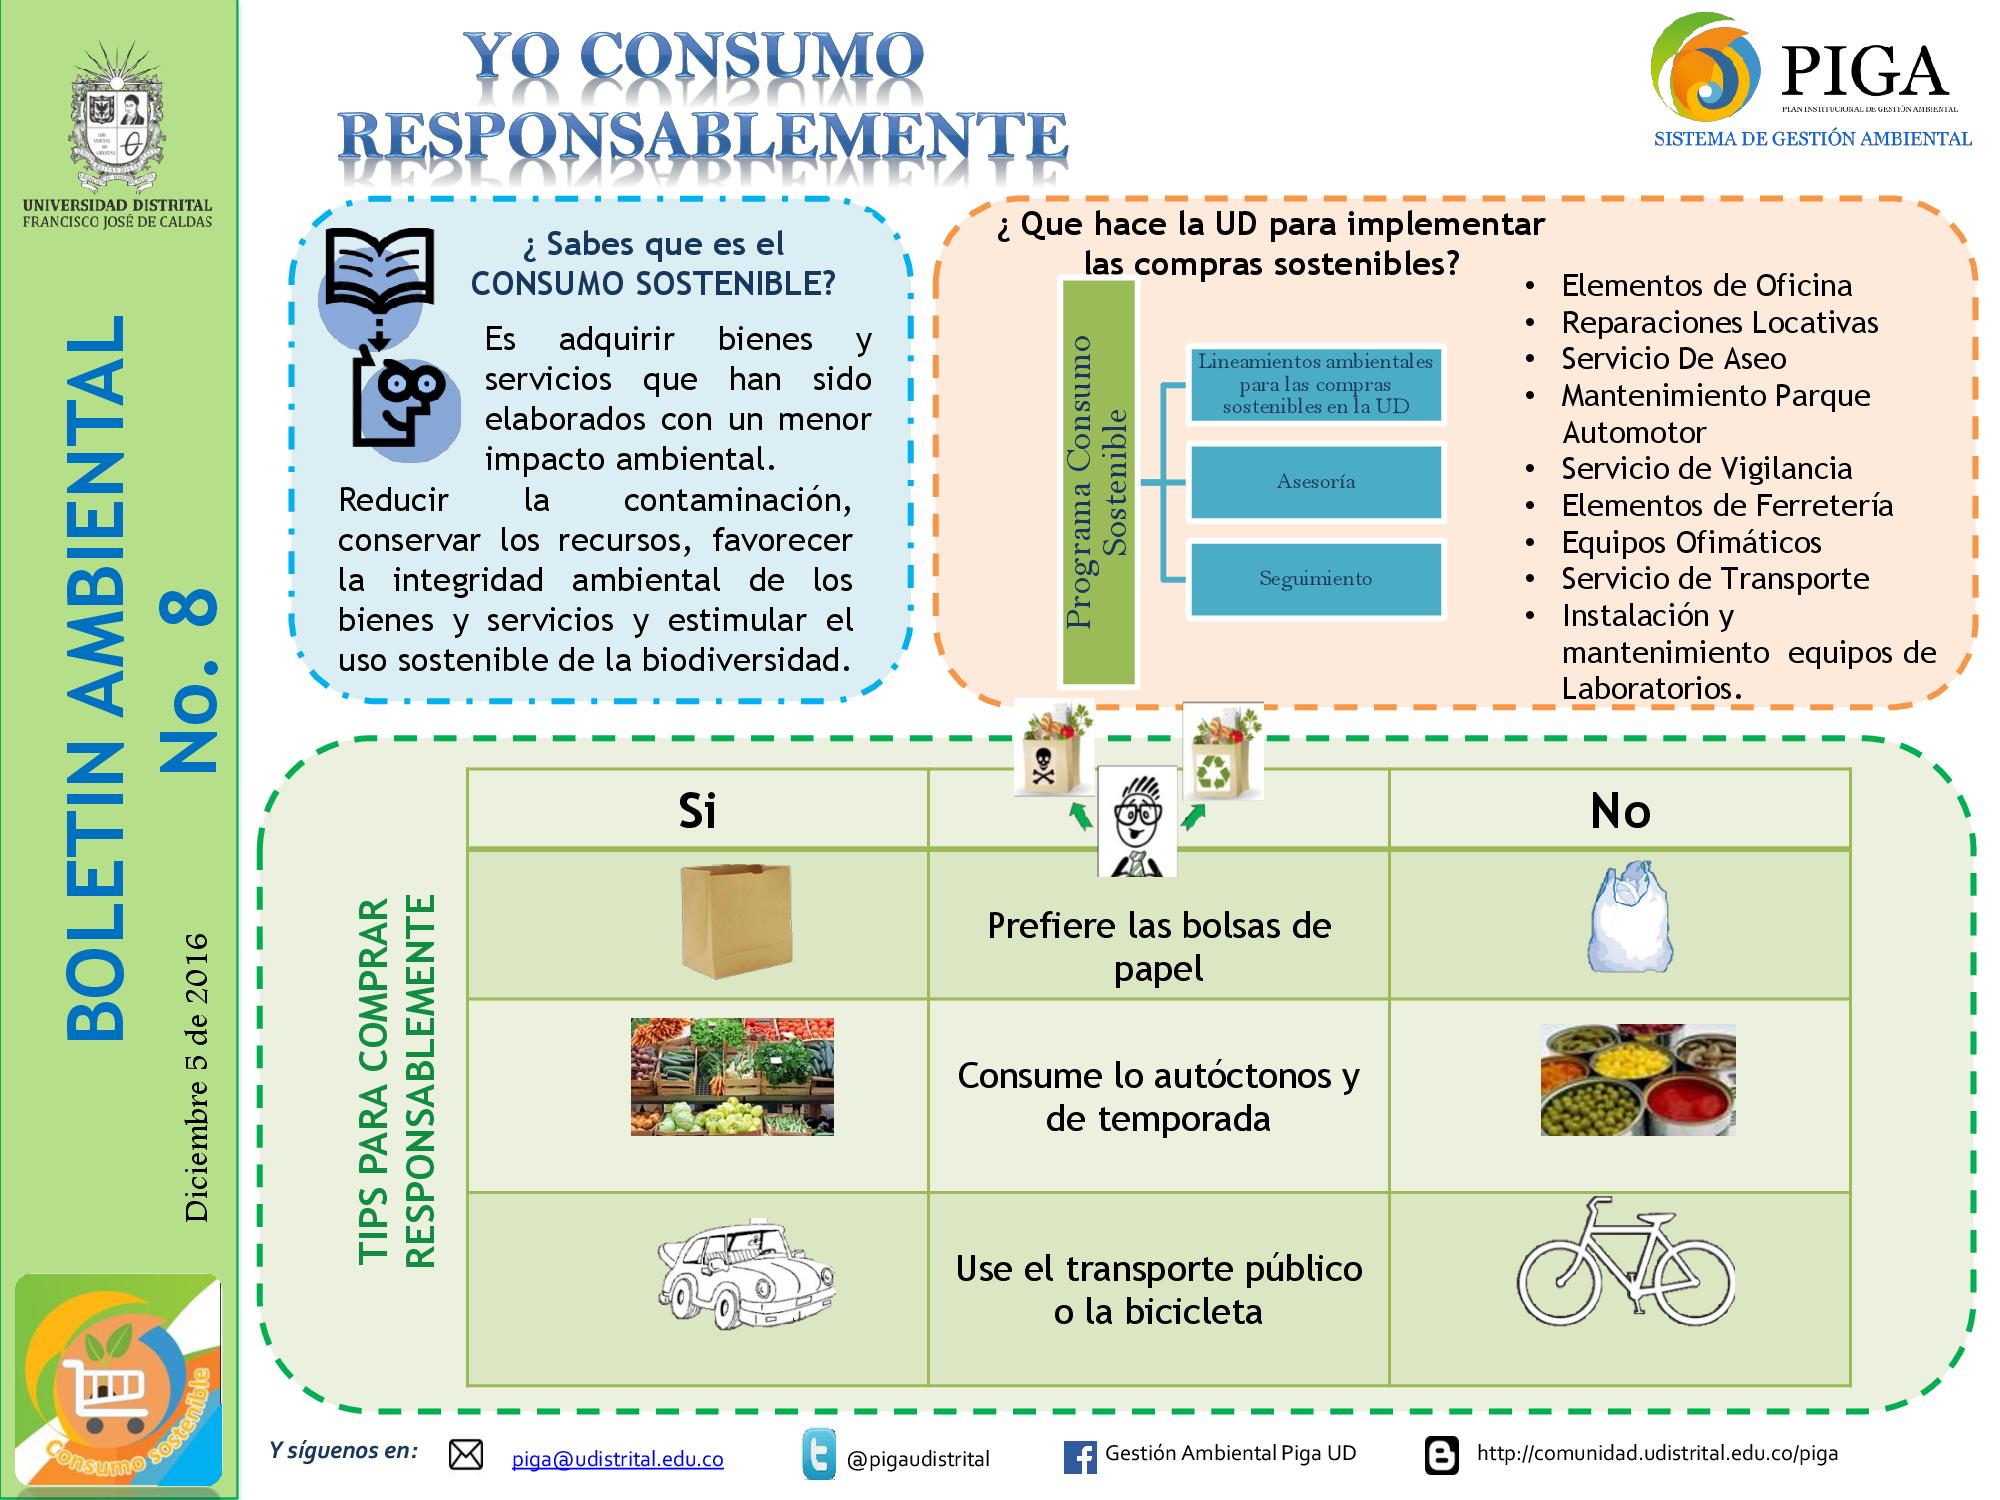 Boletin-Yo-Consumo-Responsablemente